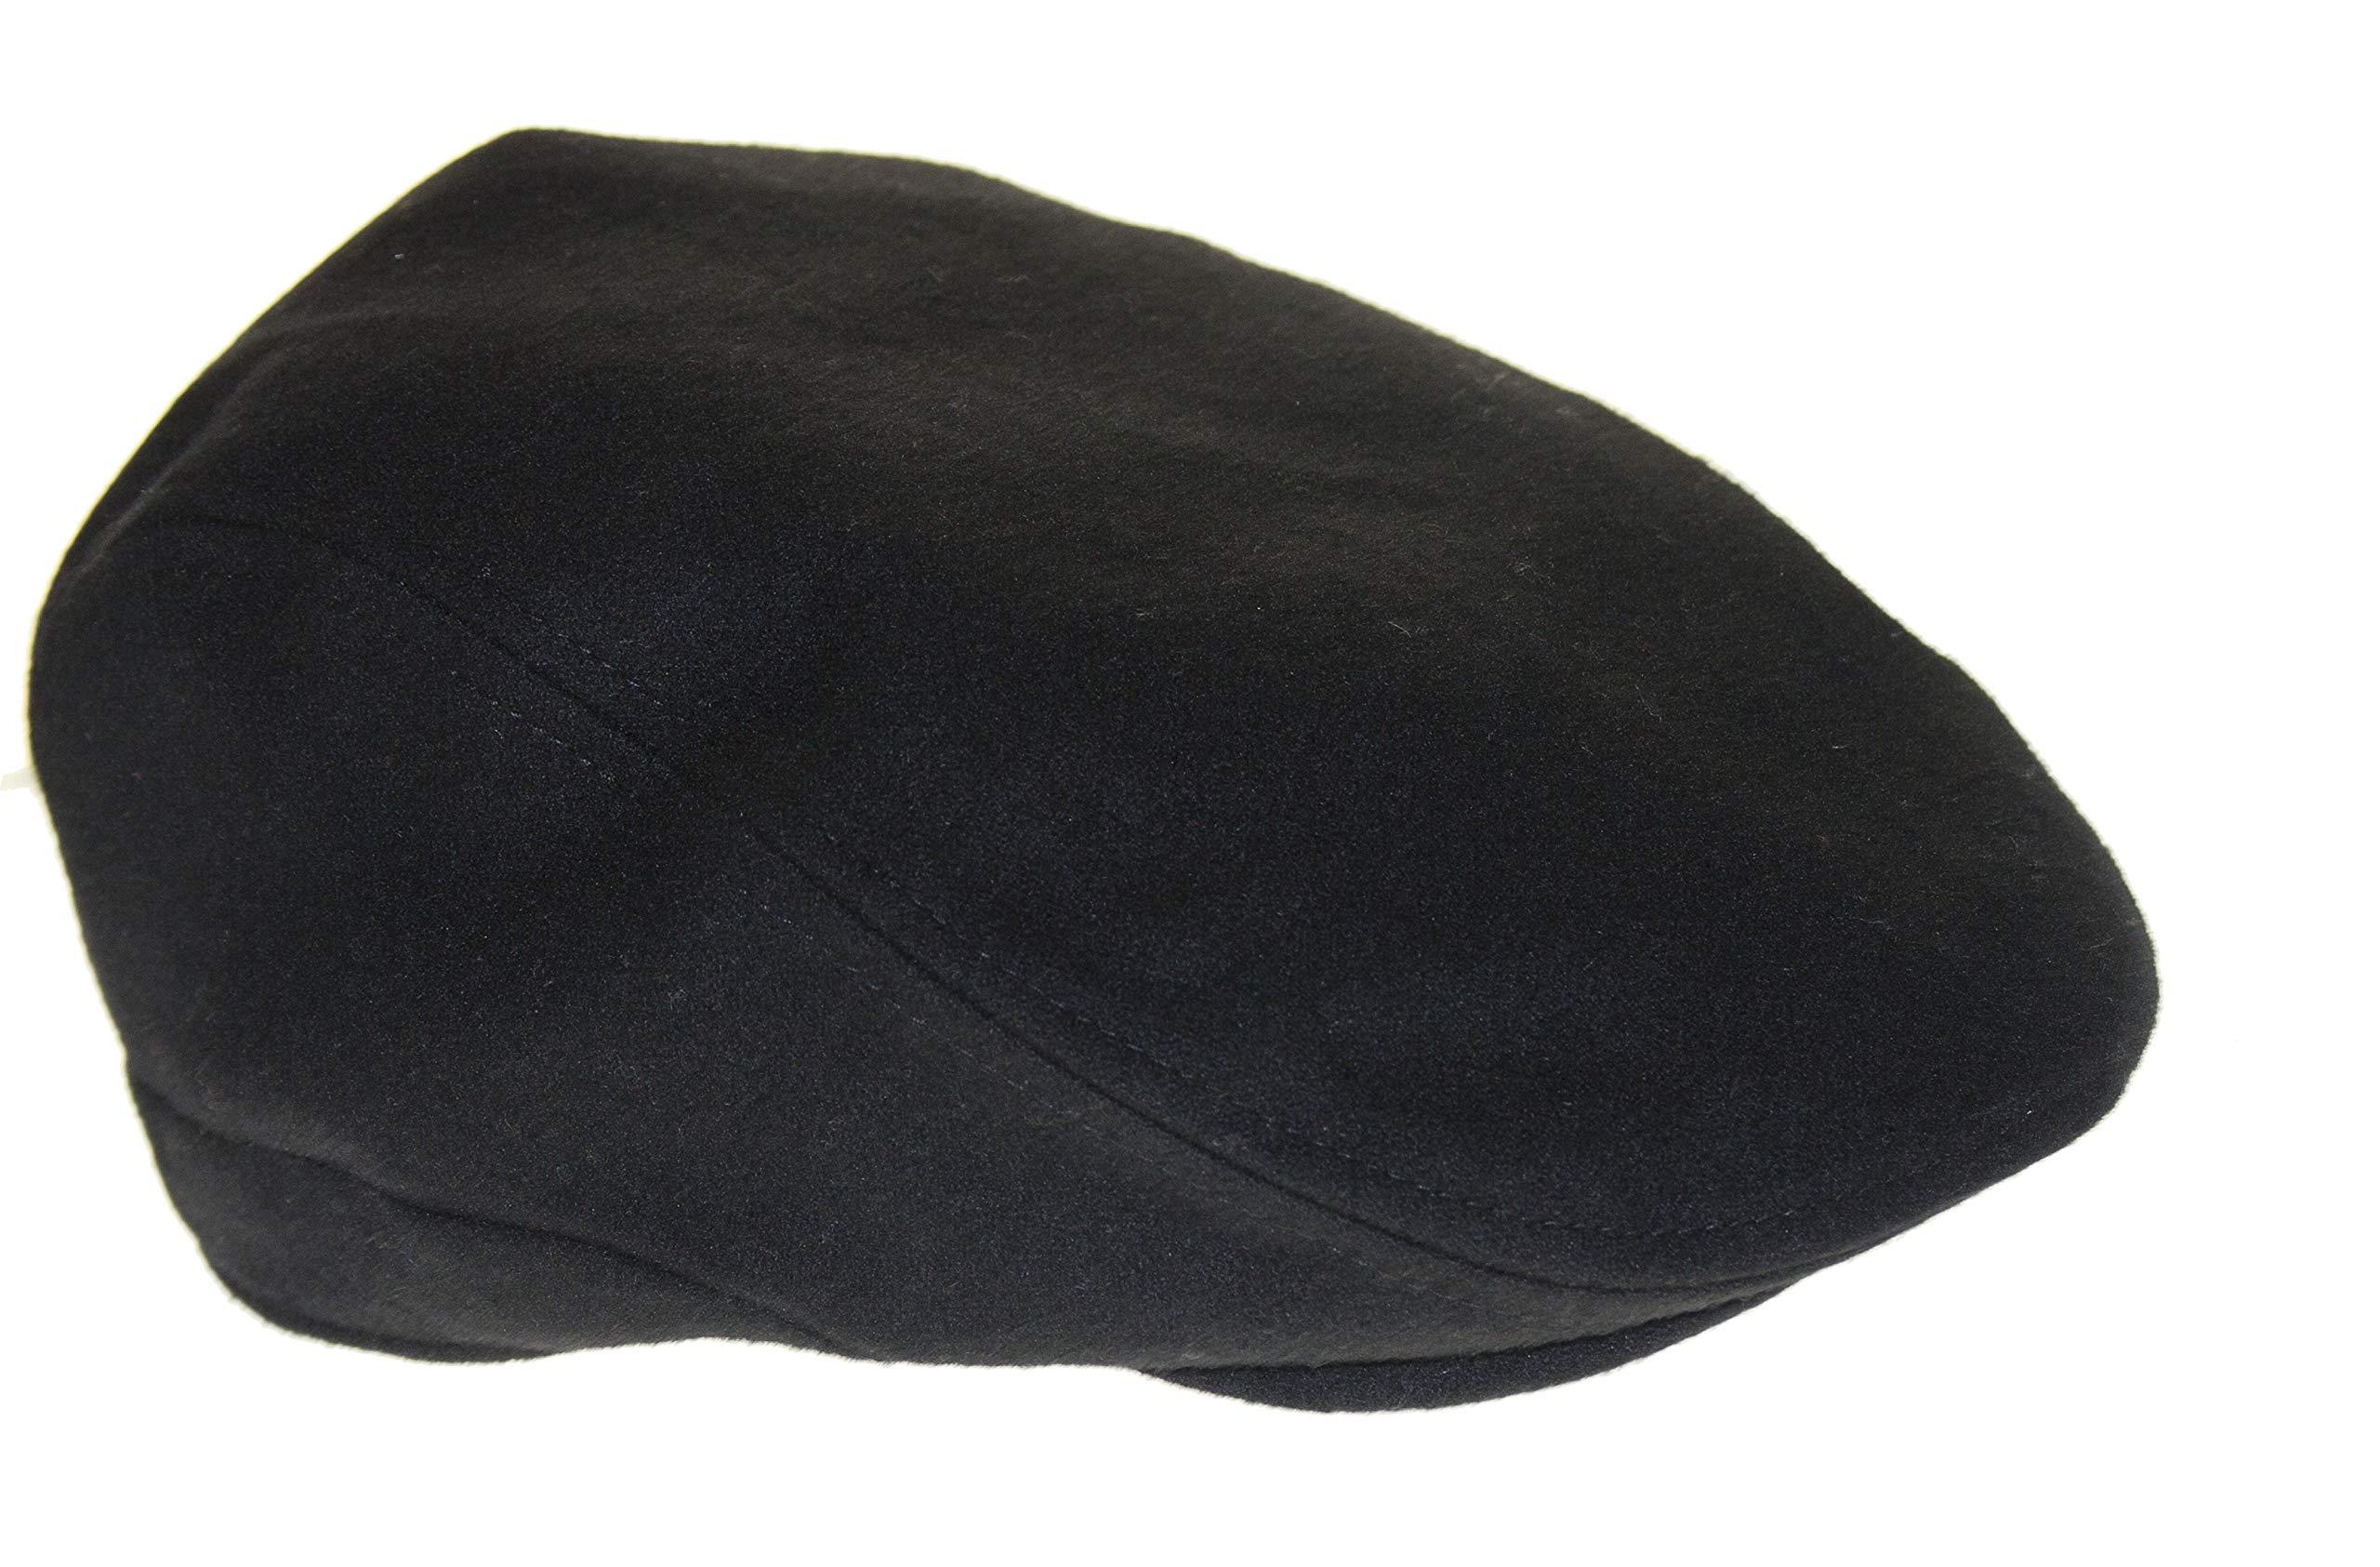 Frye Headwear Women's Merino Wool Driver, Onyx, Medium/Large by Frye Headwear (Image #1)